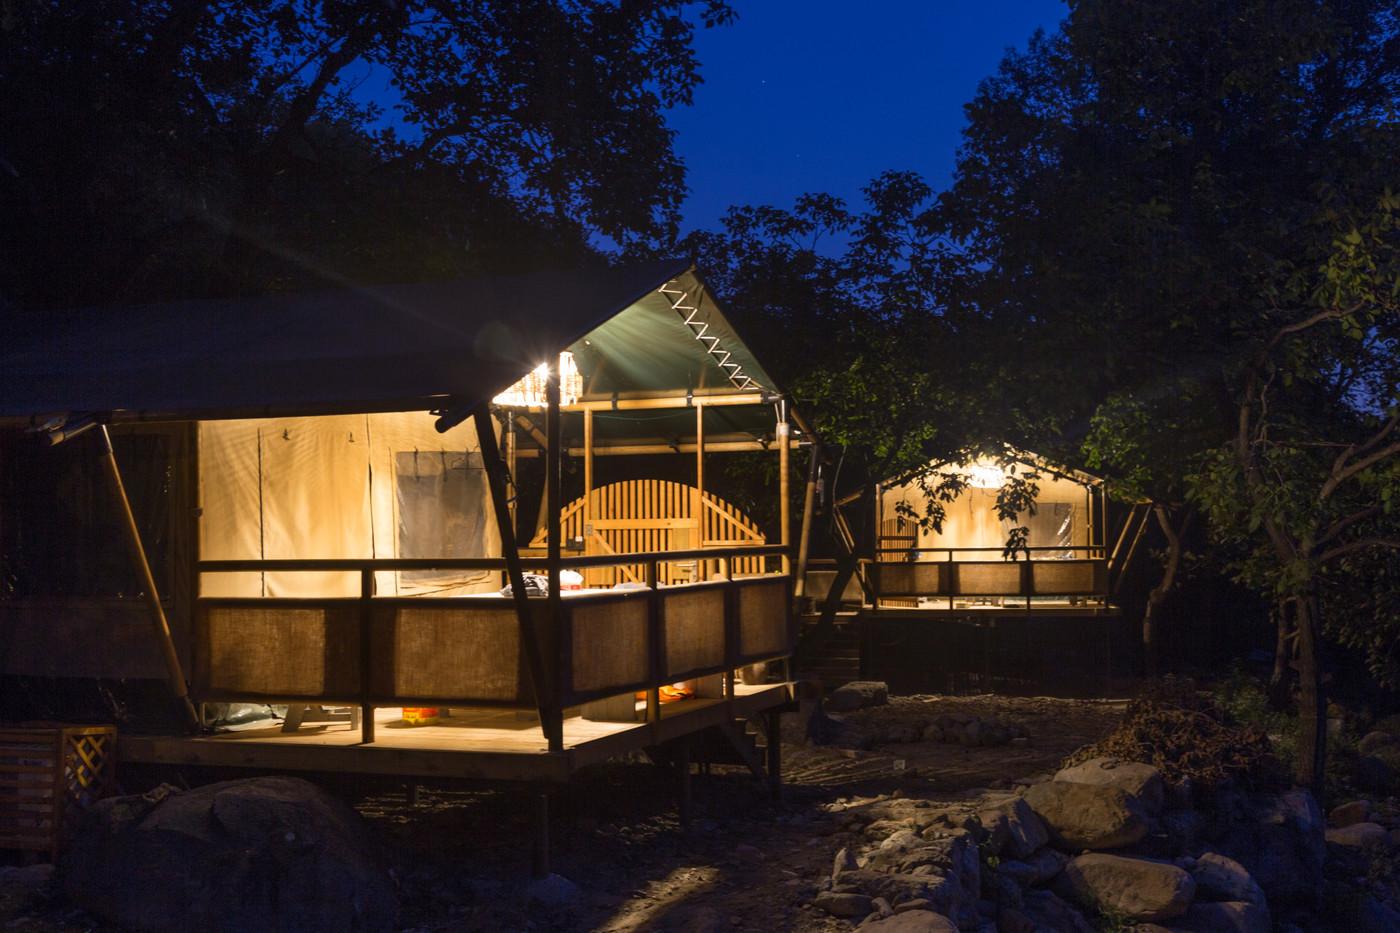 喜马拉雅野奢帐篷酒店一北京石头 剪刀 布一私享院子 54平山谷型  25